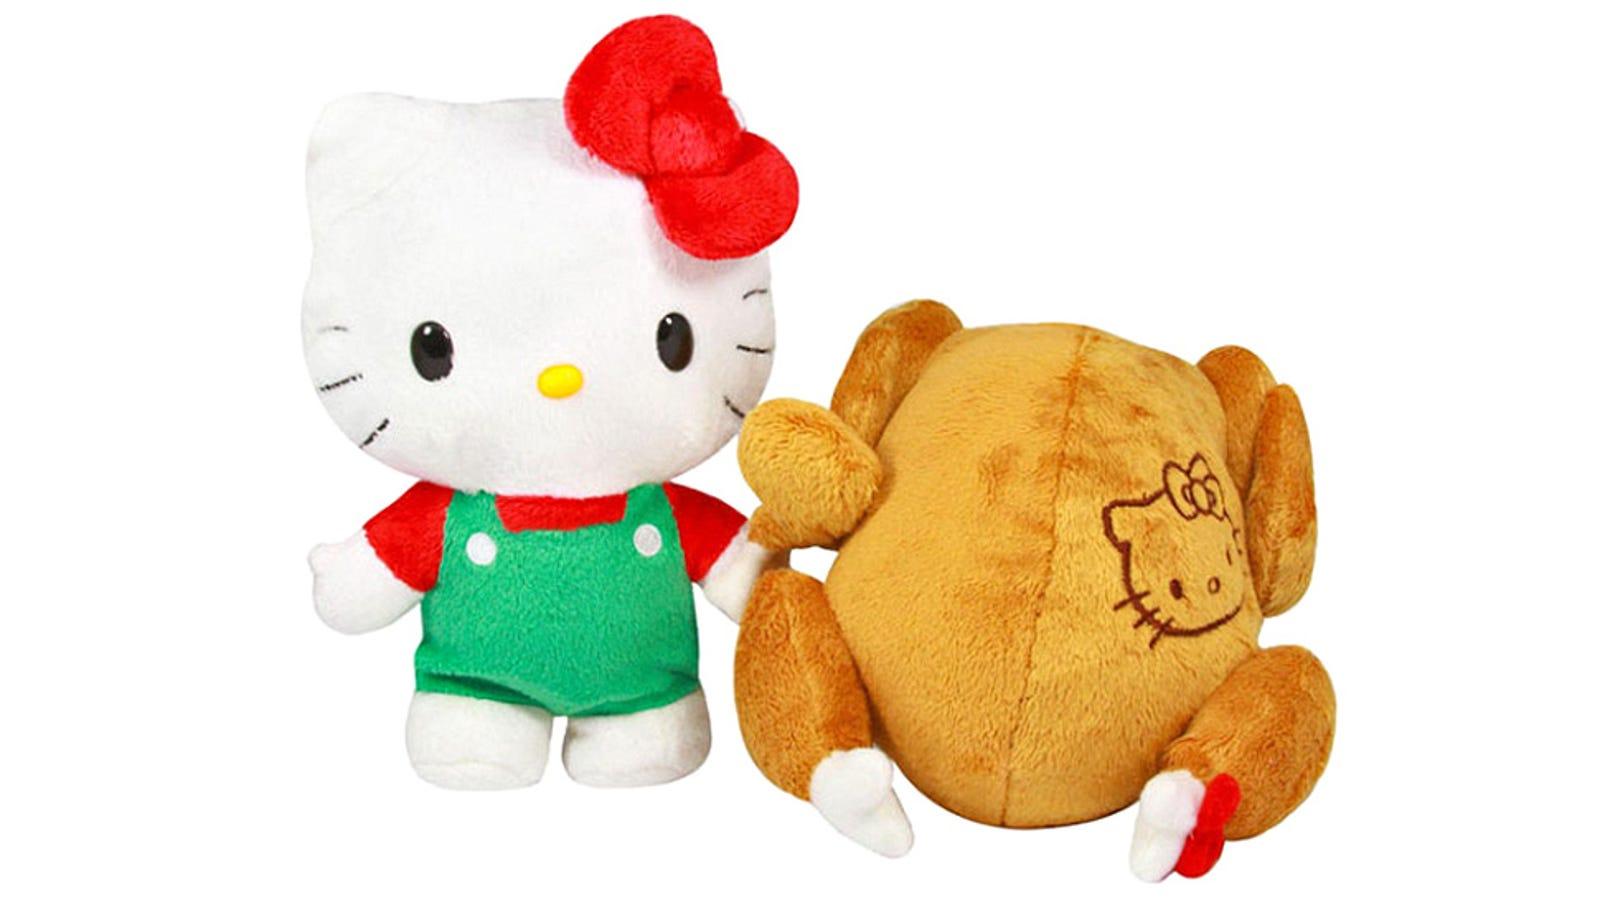 El inquietante peluche de Hello Kitty que se transforma en pollo